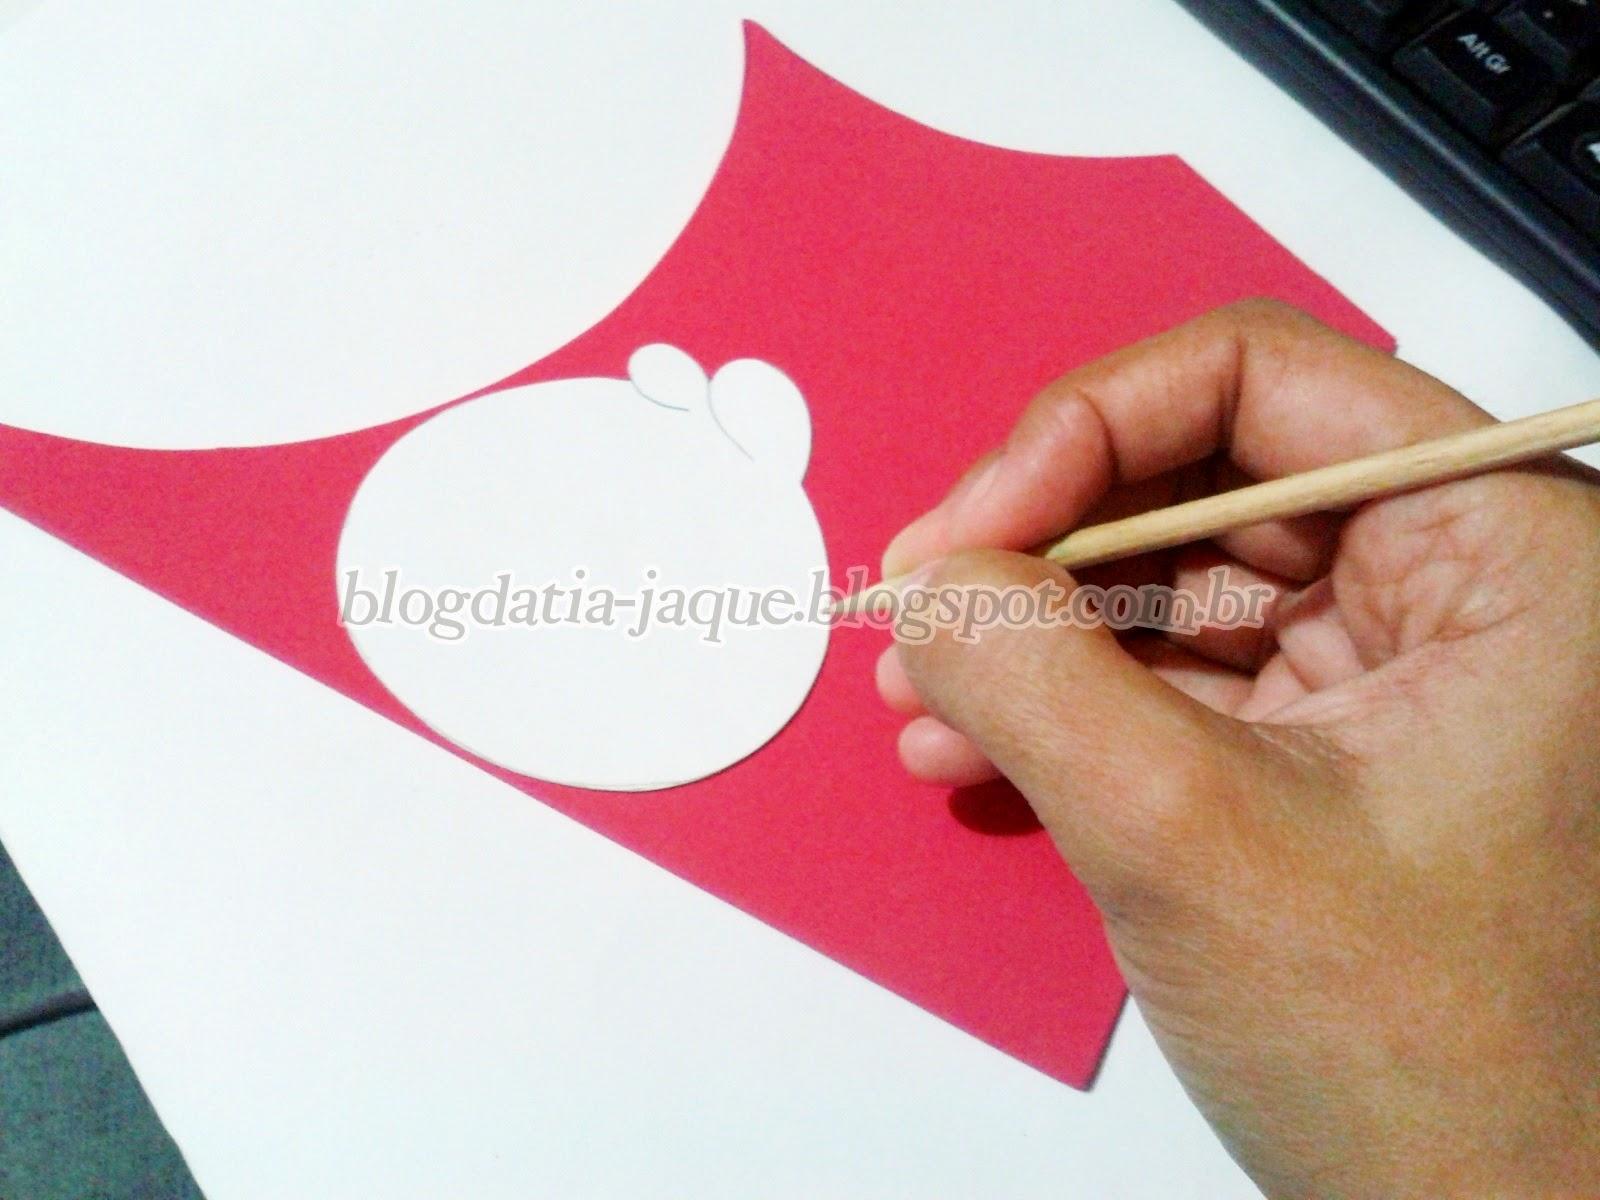 Como Desenhar O Pássaro Vermelho De Angry Birds: Blog Da Tia Jaque: Chaveiro Angry Birds (Pássaro Vermelho